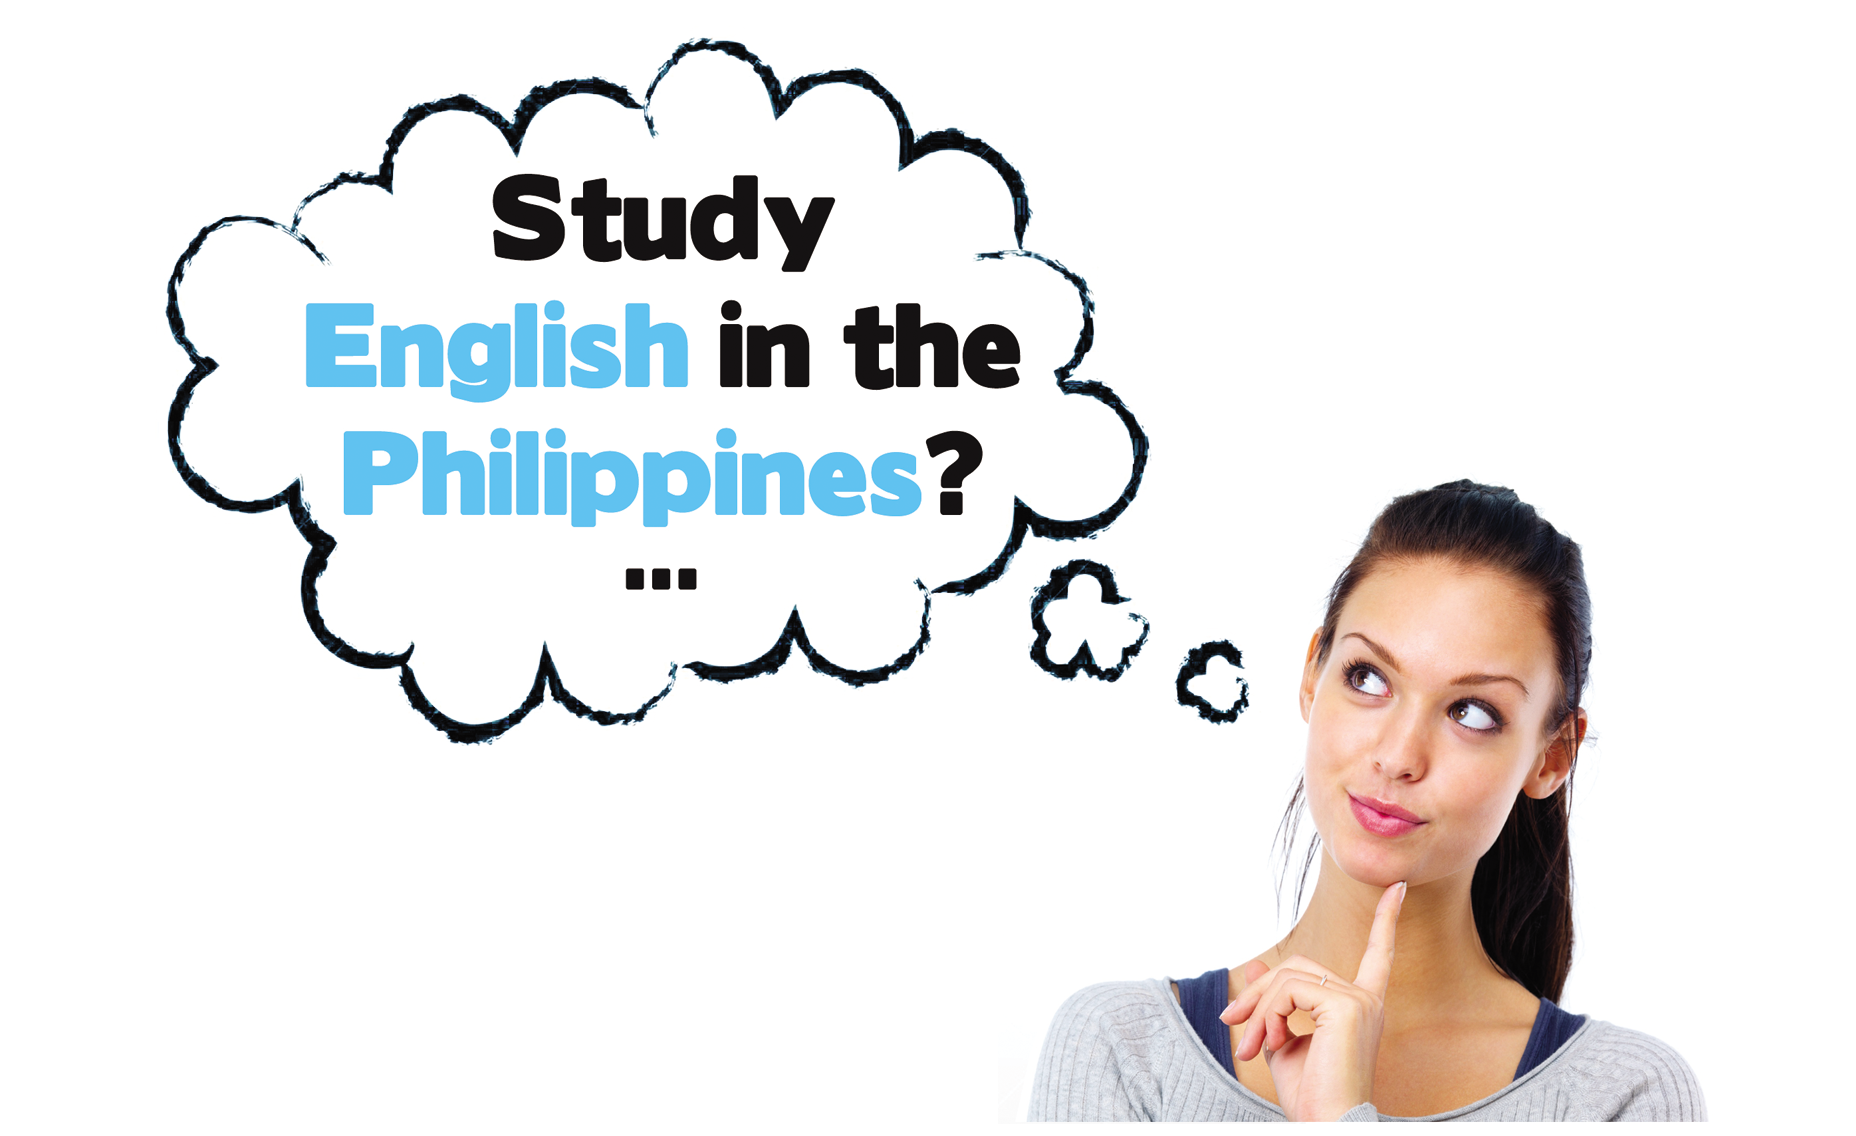 Học tiếng Anh tại Philippines – Bước đệm vào các trường Đại học danh tiếng Thế giới